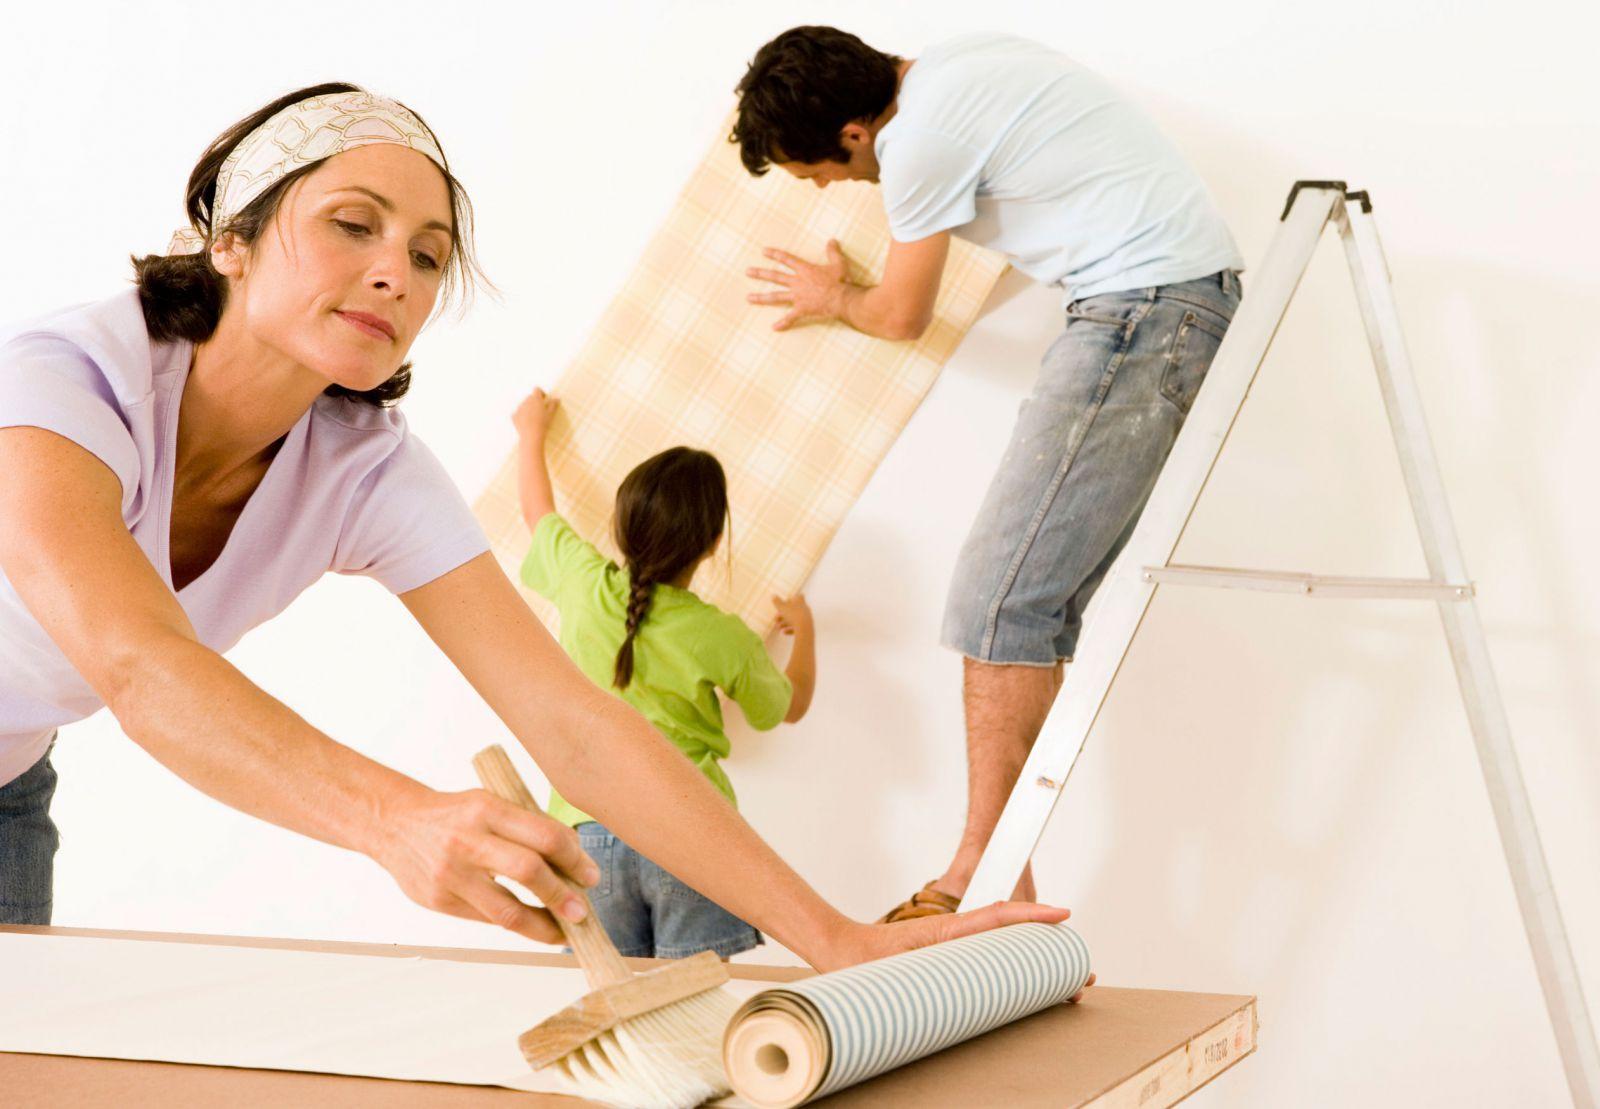 Картинки по запросу ремонт квартиры рабочие